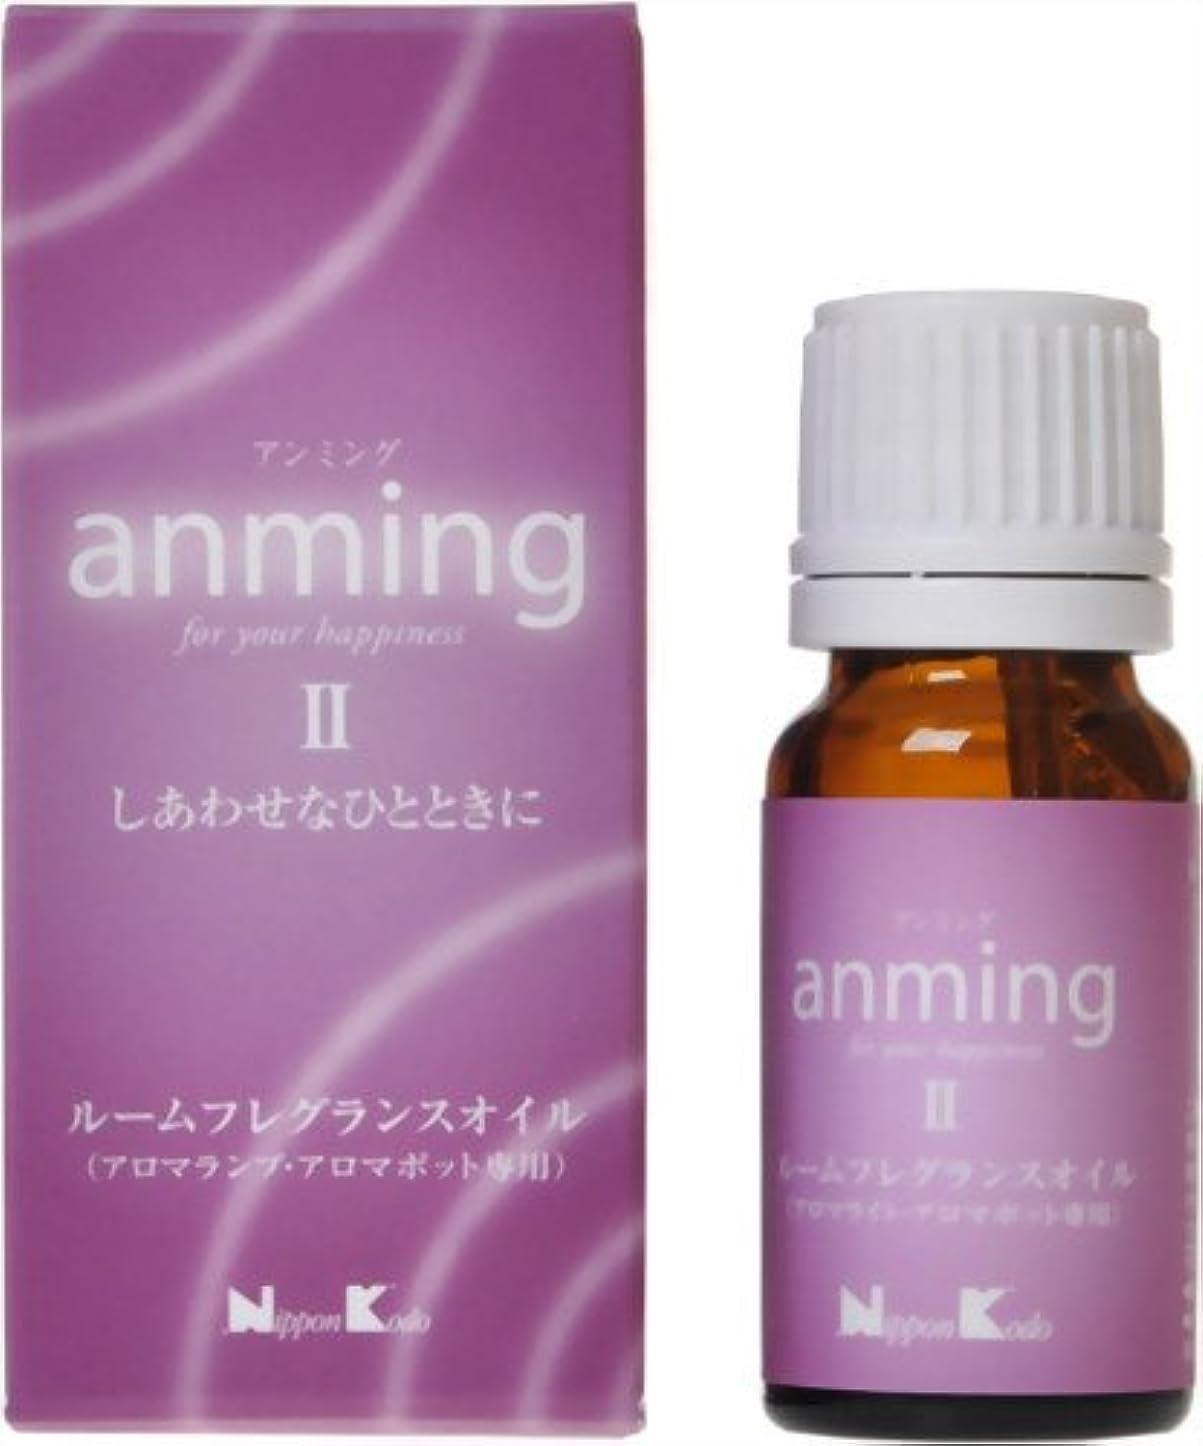 それに応じて表面的な創造anming2(アンミング2) ルームフレグランスオイル 10ml